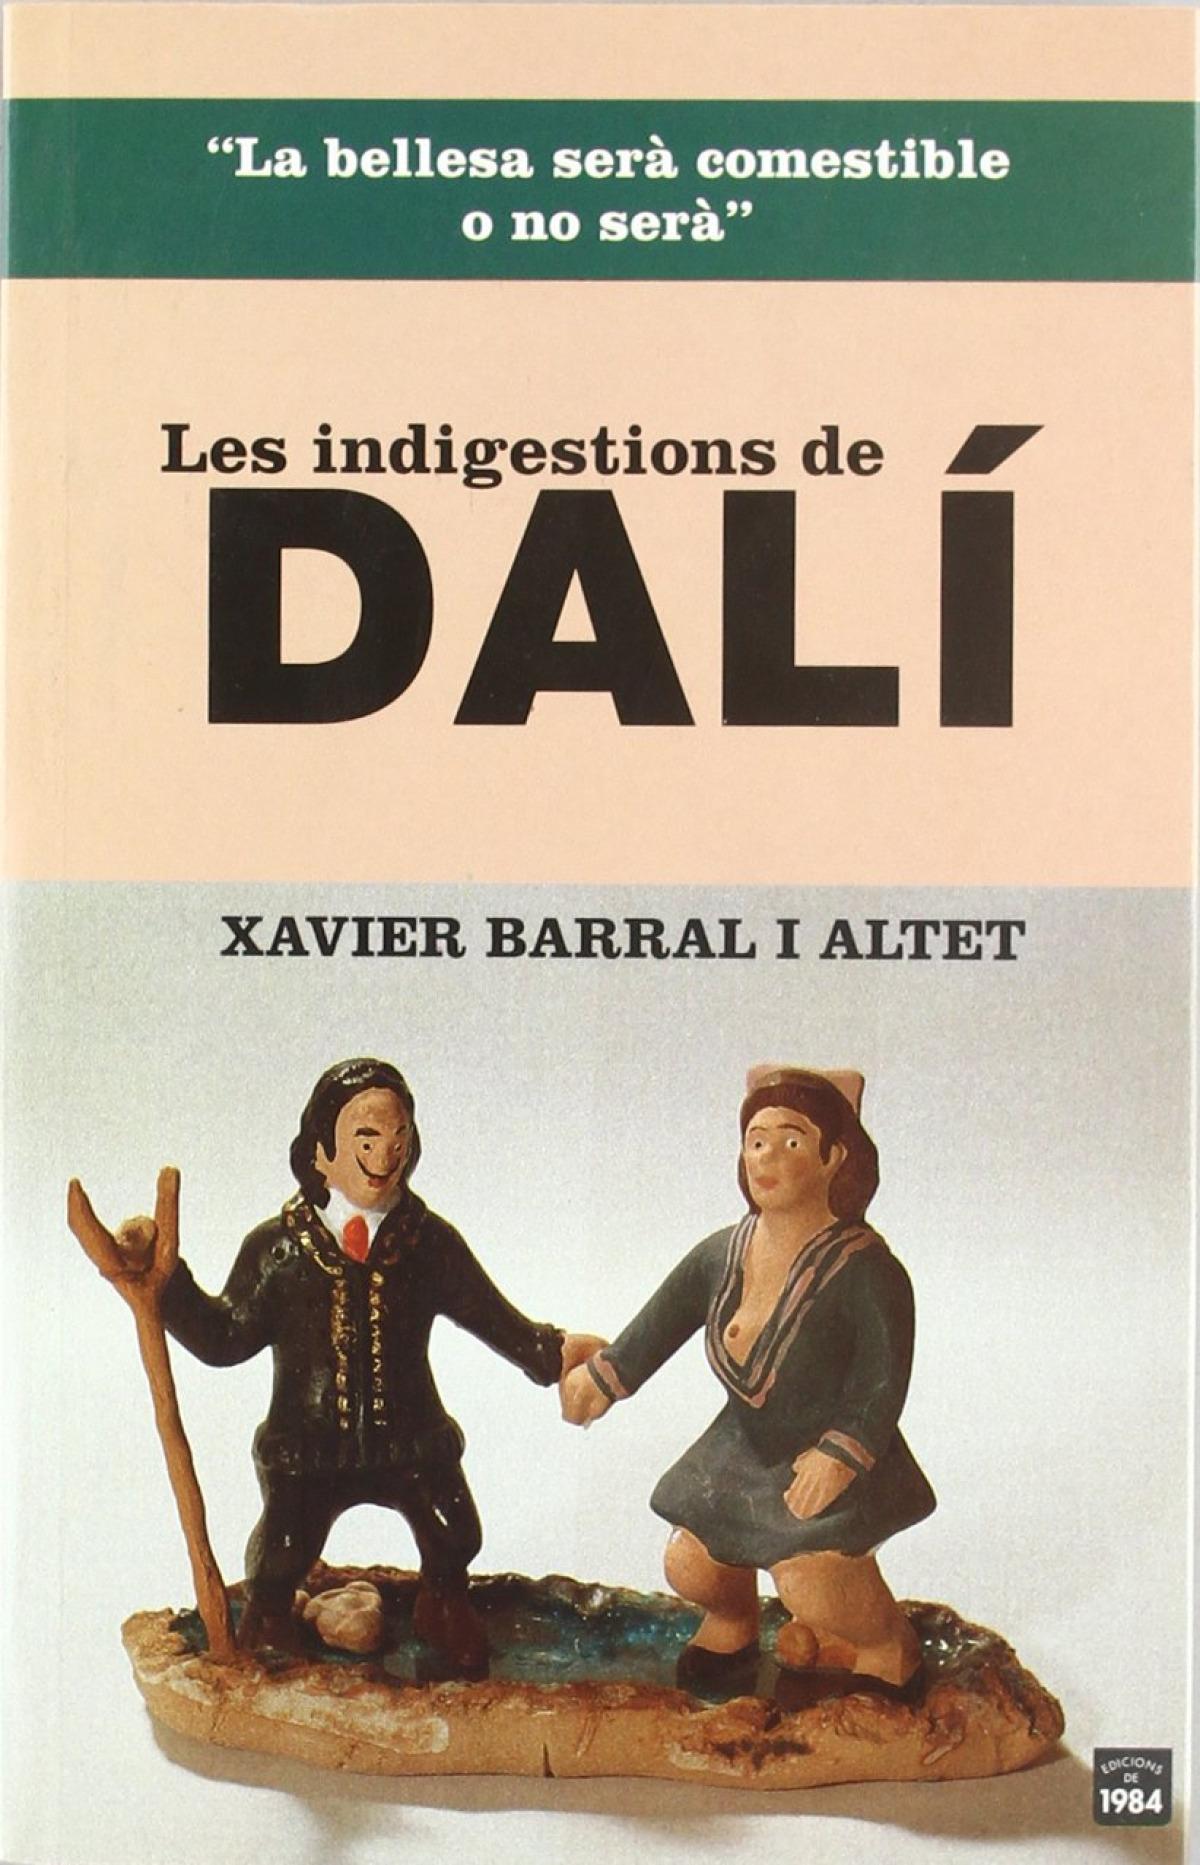 Les indigestions de Dalí